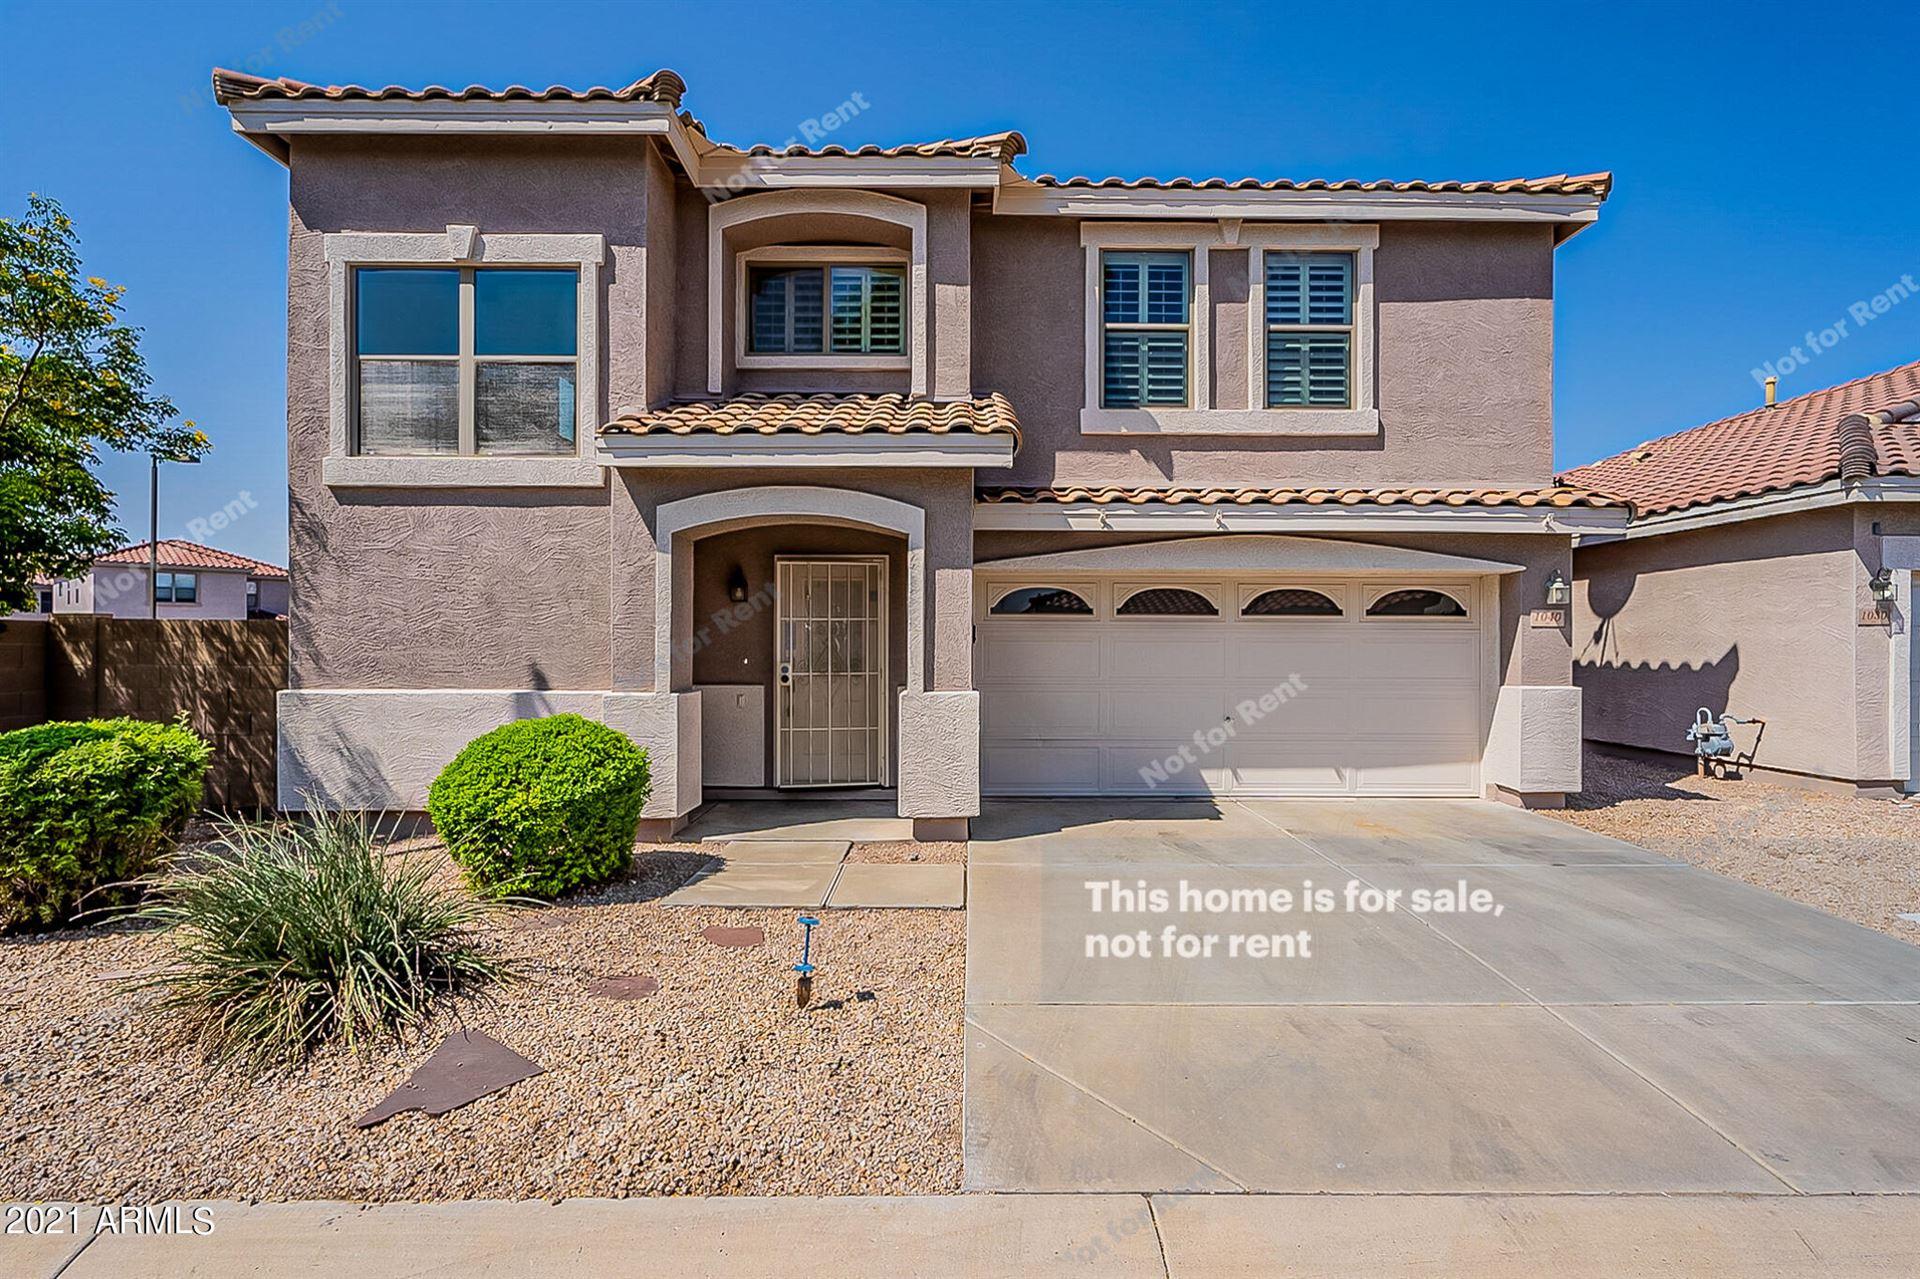 1040 S FIREHOLE Drive, Chandler, AZ 85286 - MLS#: 6295644